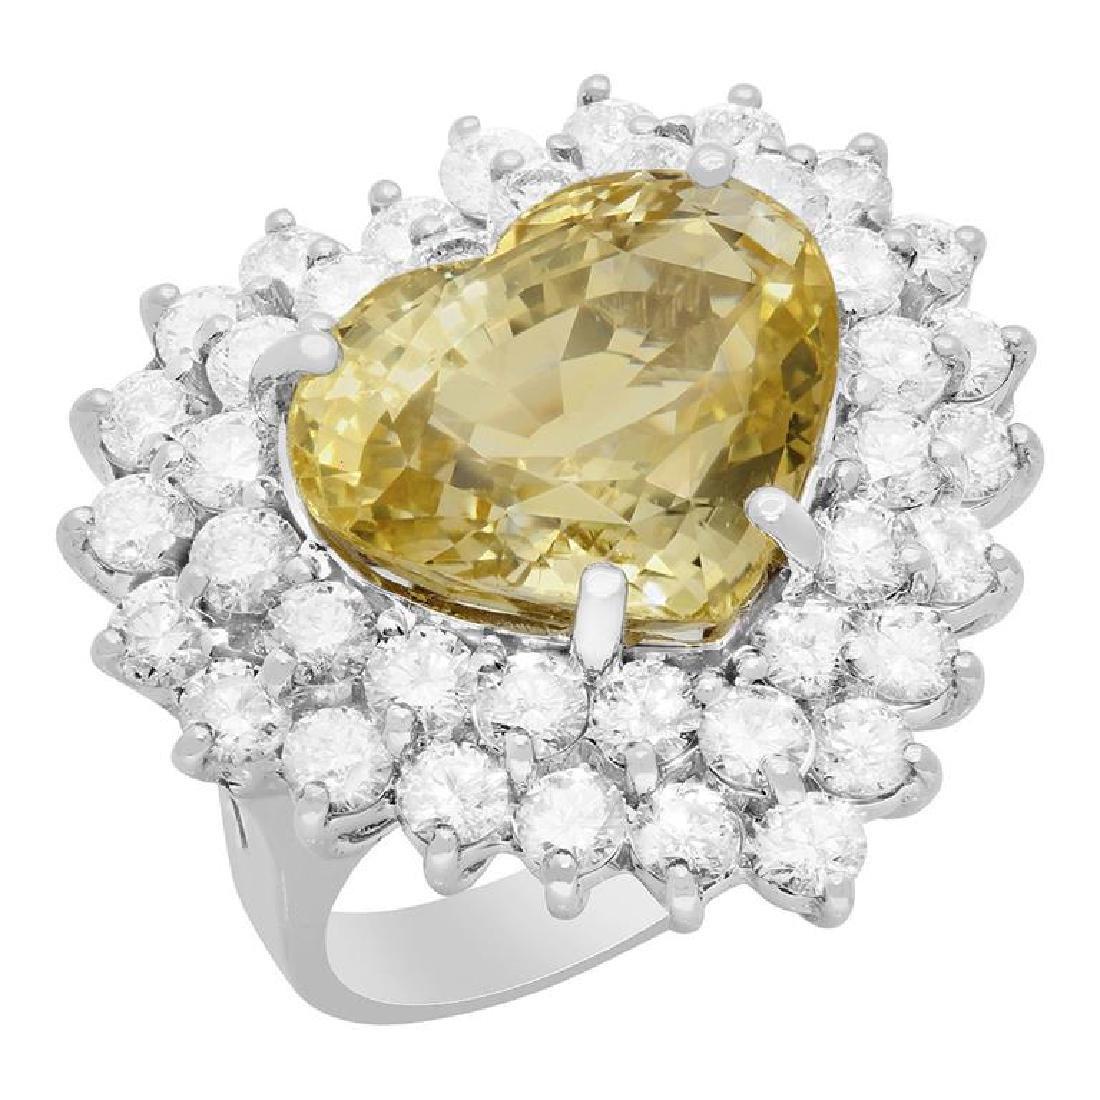 14k White Gold 13.18ct Yellow Sapphire 3.79ct Diamond